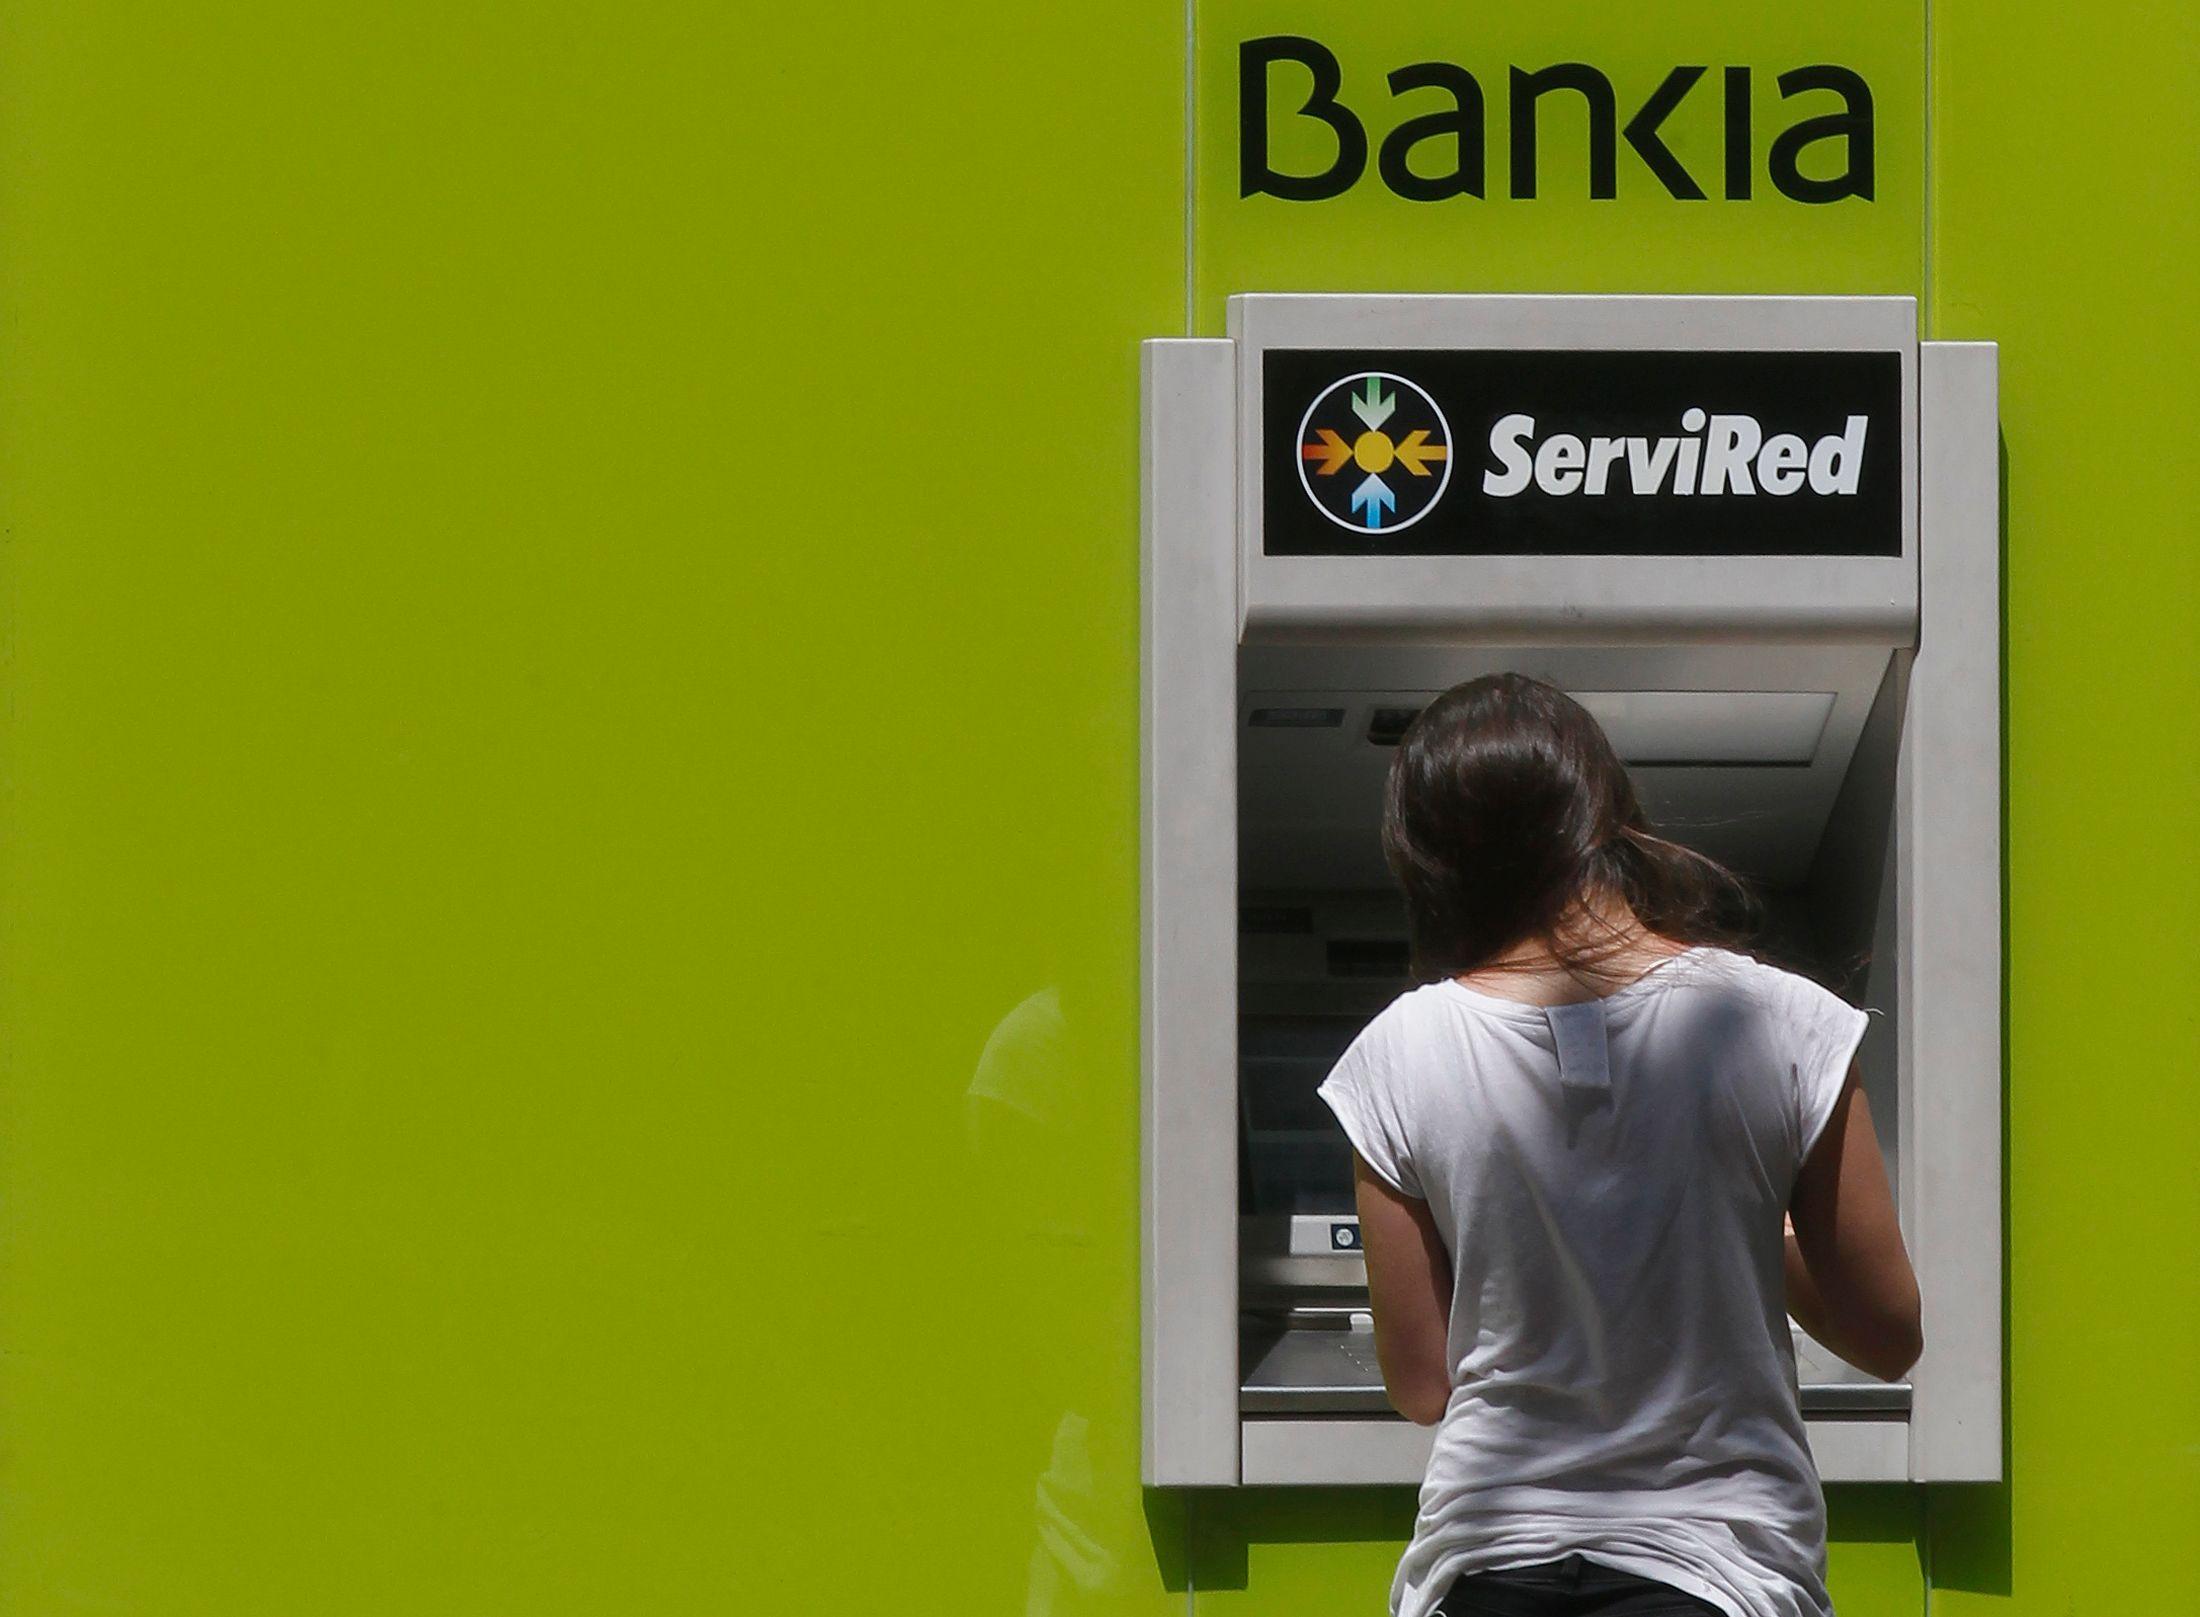 Les banques proposent des produits à leurs clients tout en sachant que ces derniers y perdront.